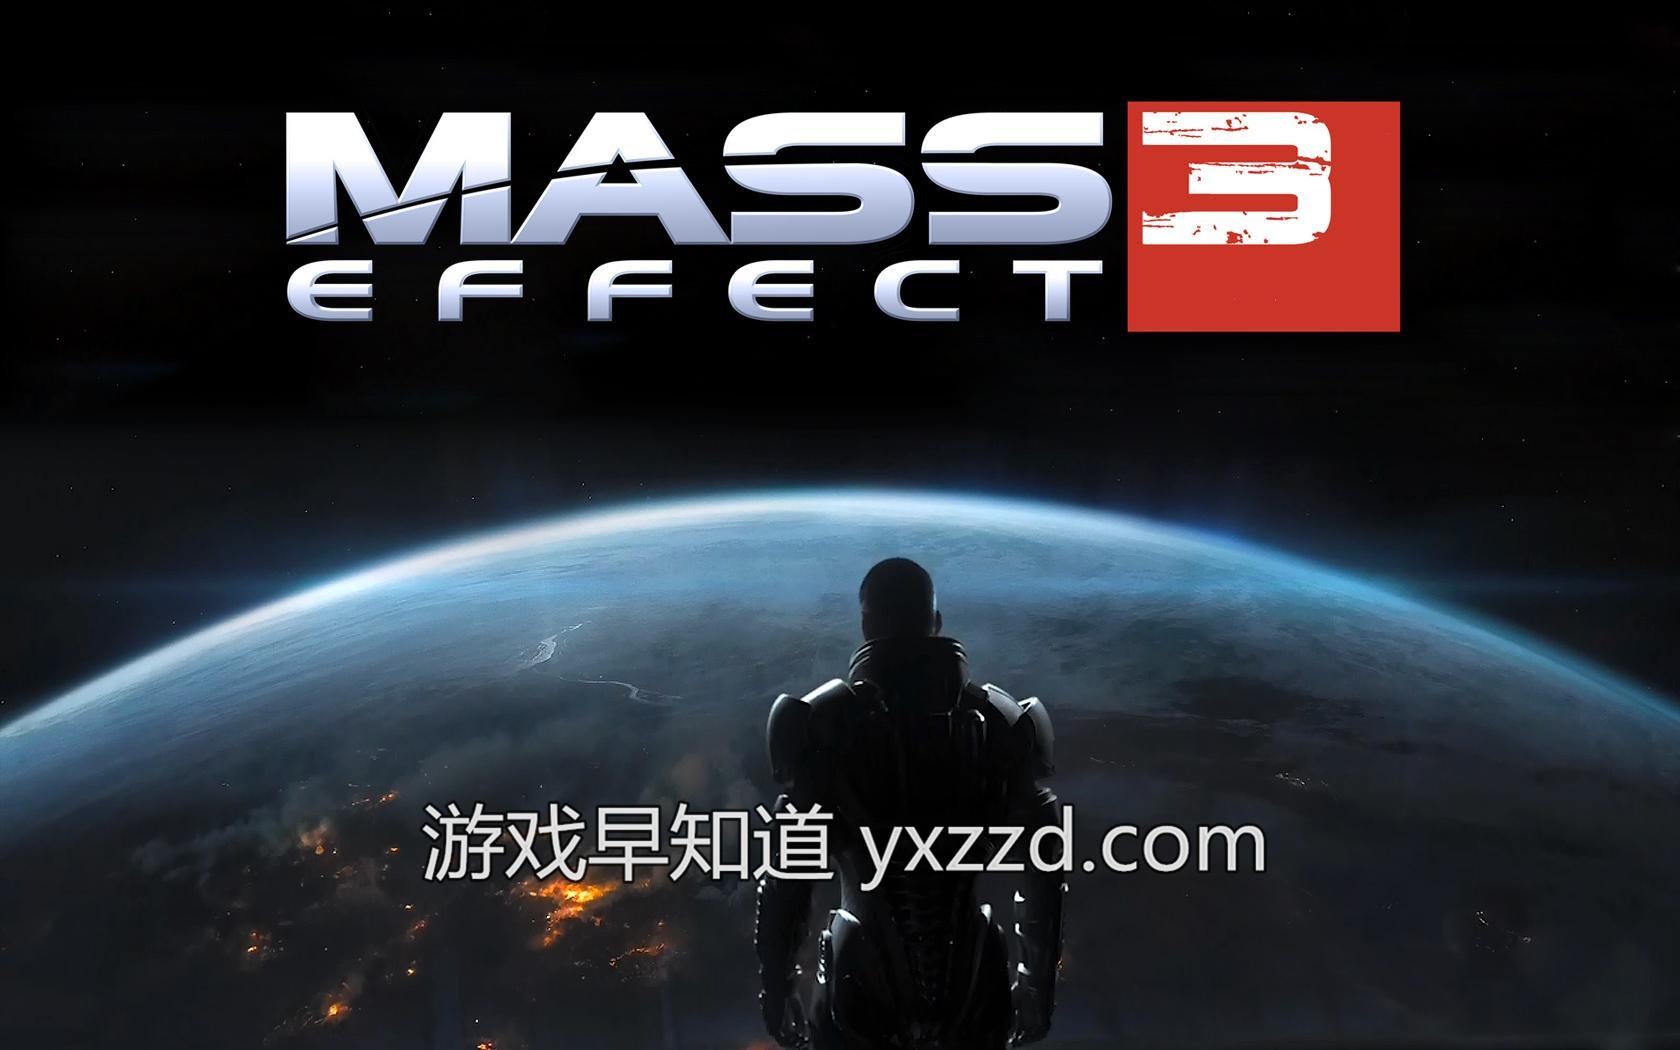 质量效应3 masseffect3